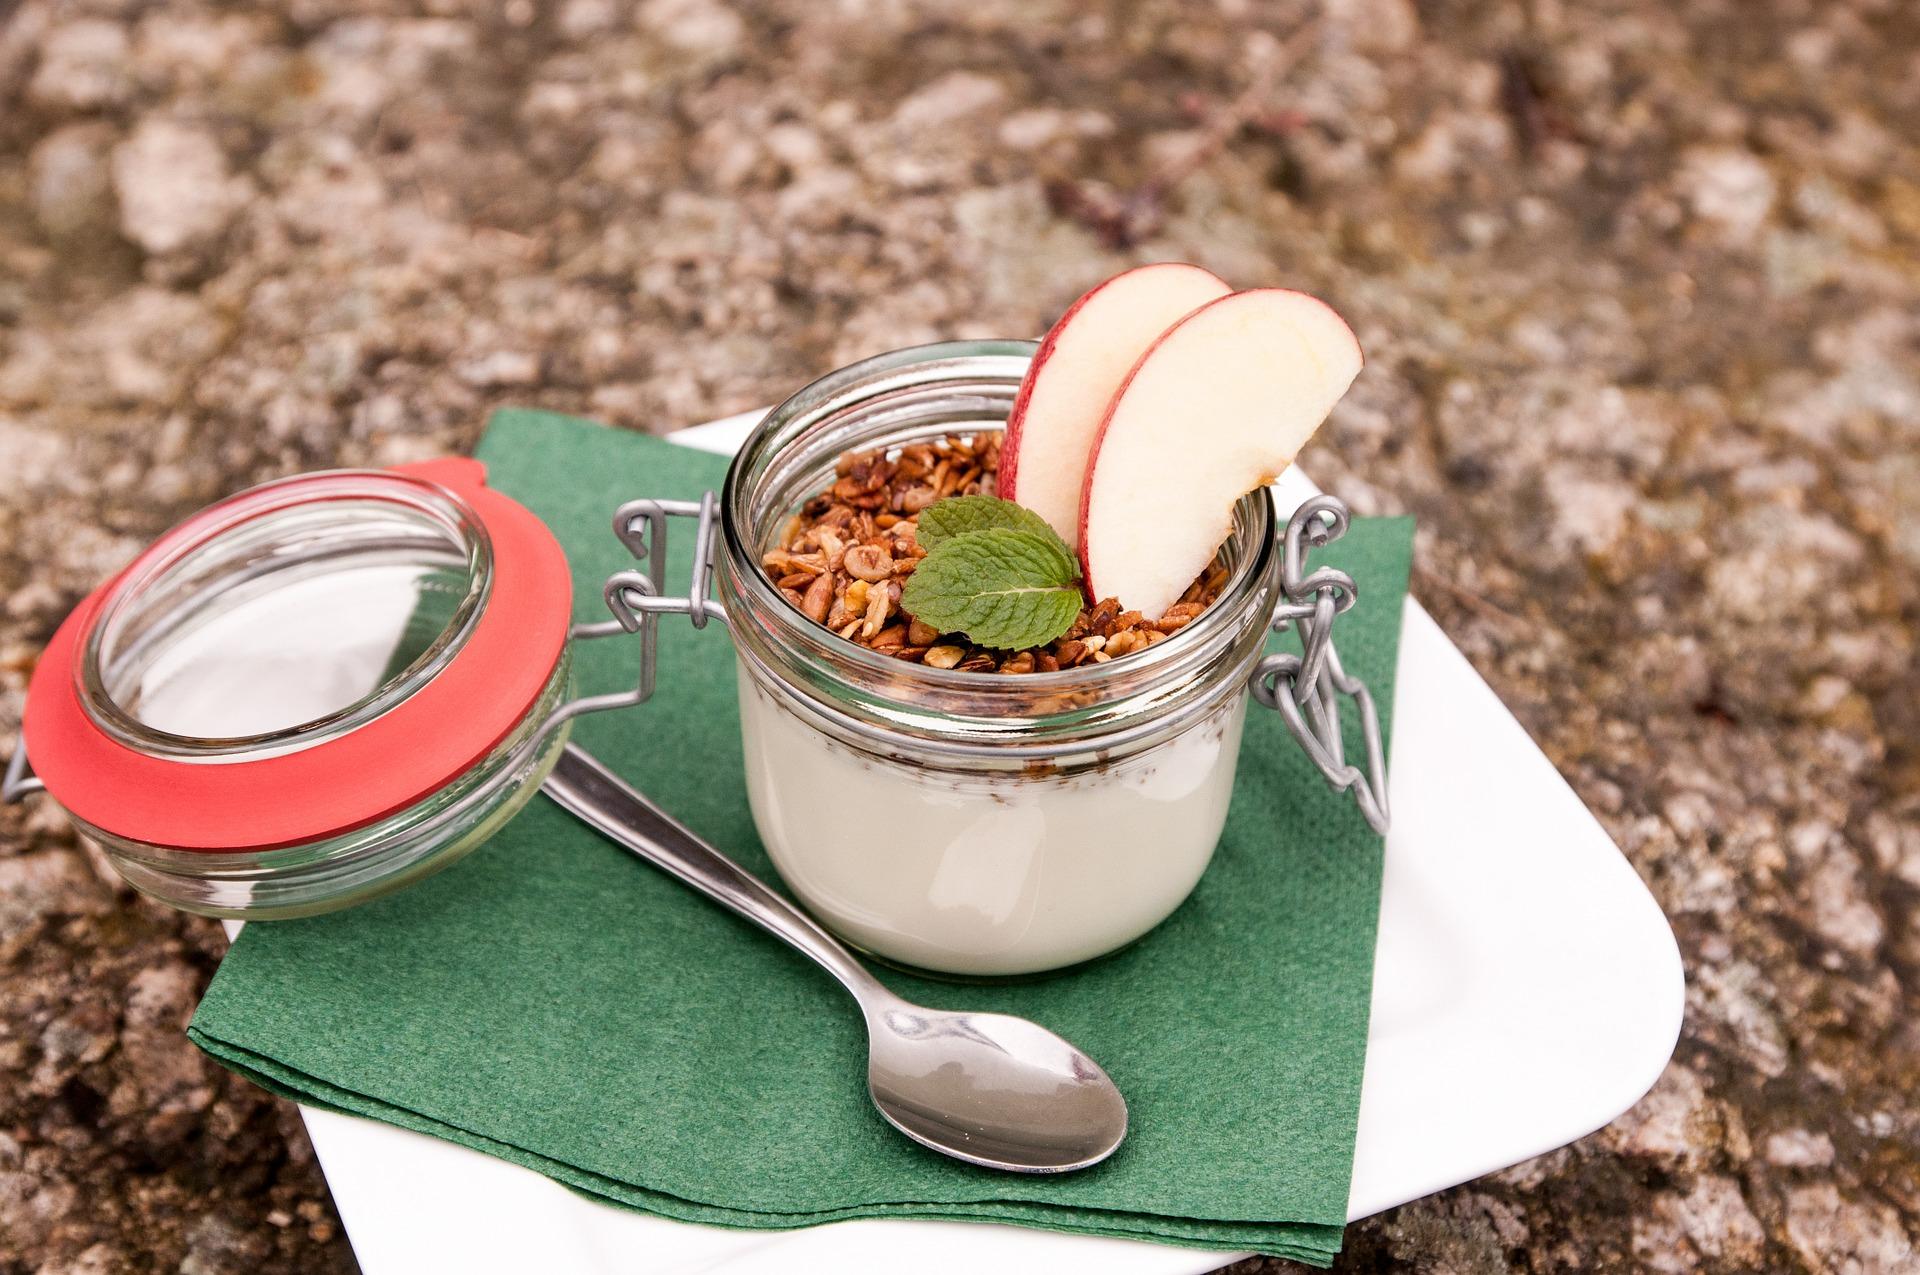 """Dessert: fromage blanc avec muesli et quartiers de pomme dans petit bocal style """"Le Parfait"""" posé dans une assiette en porcelaine blanche avec serviette vert sapin"""